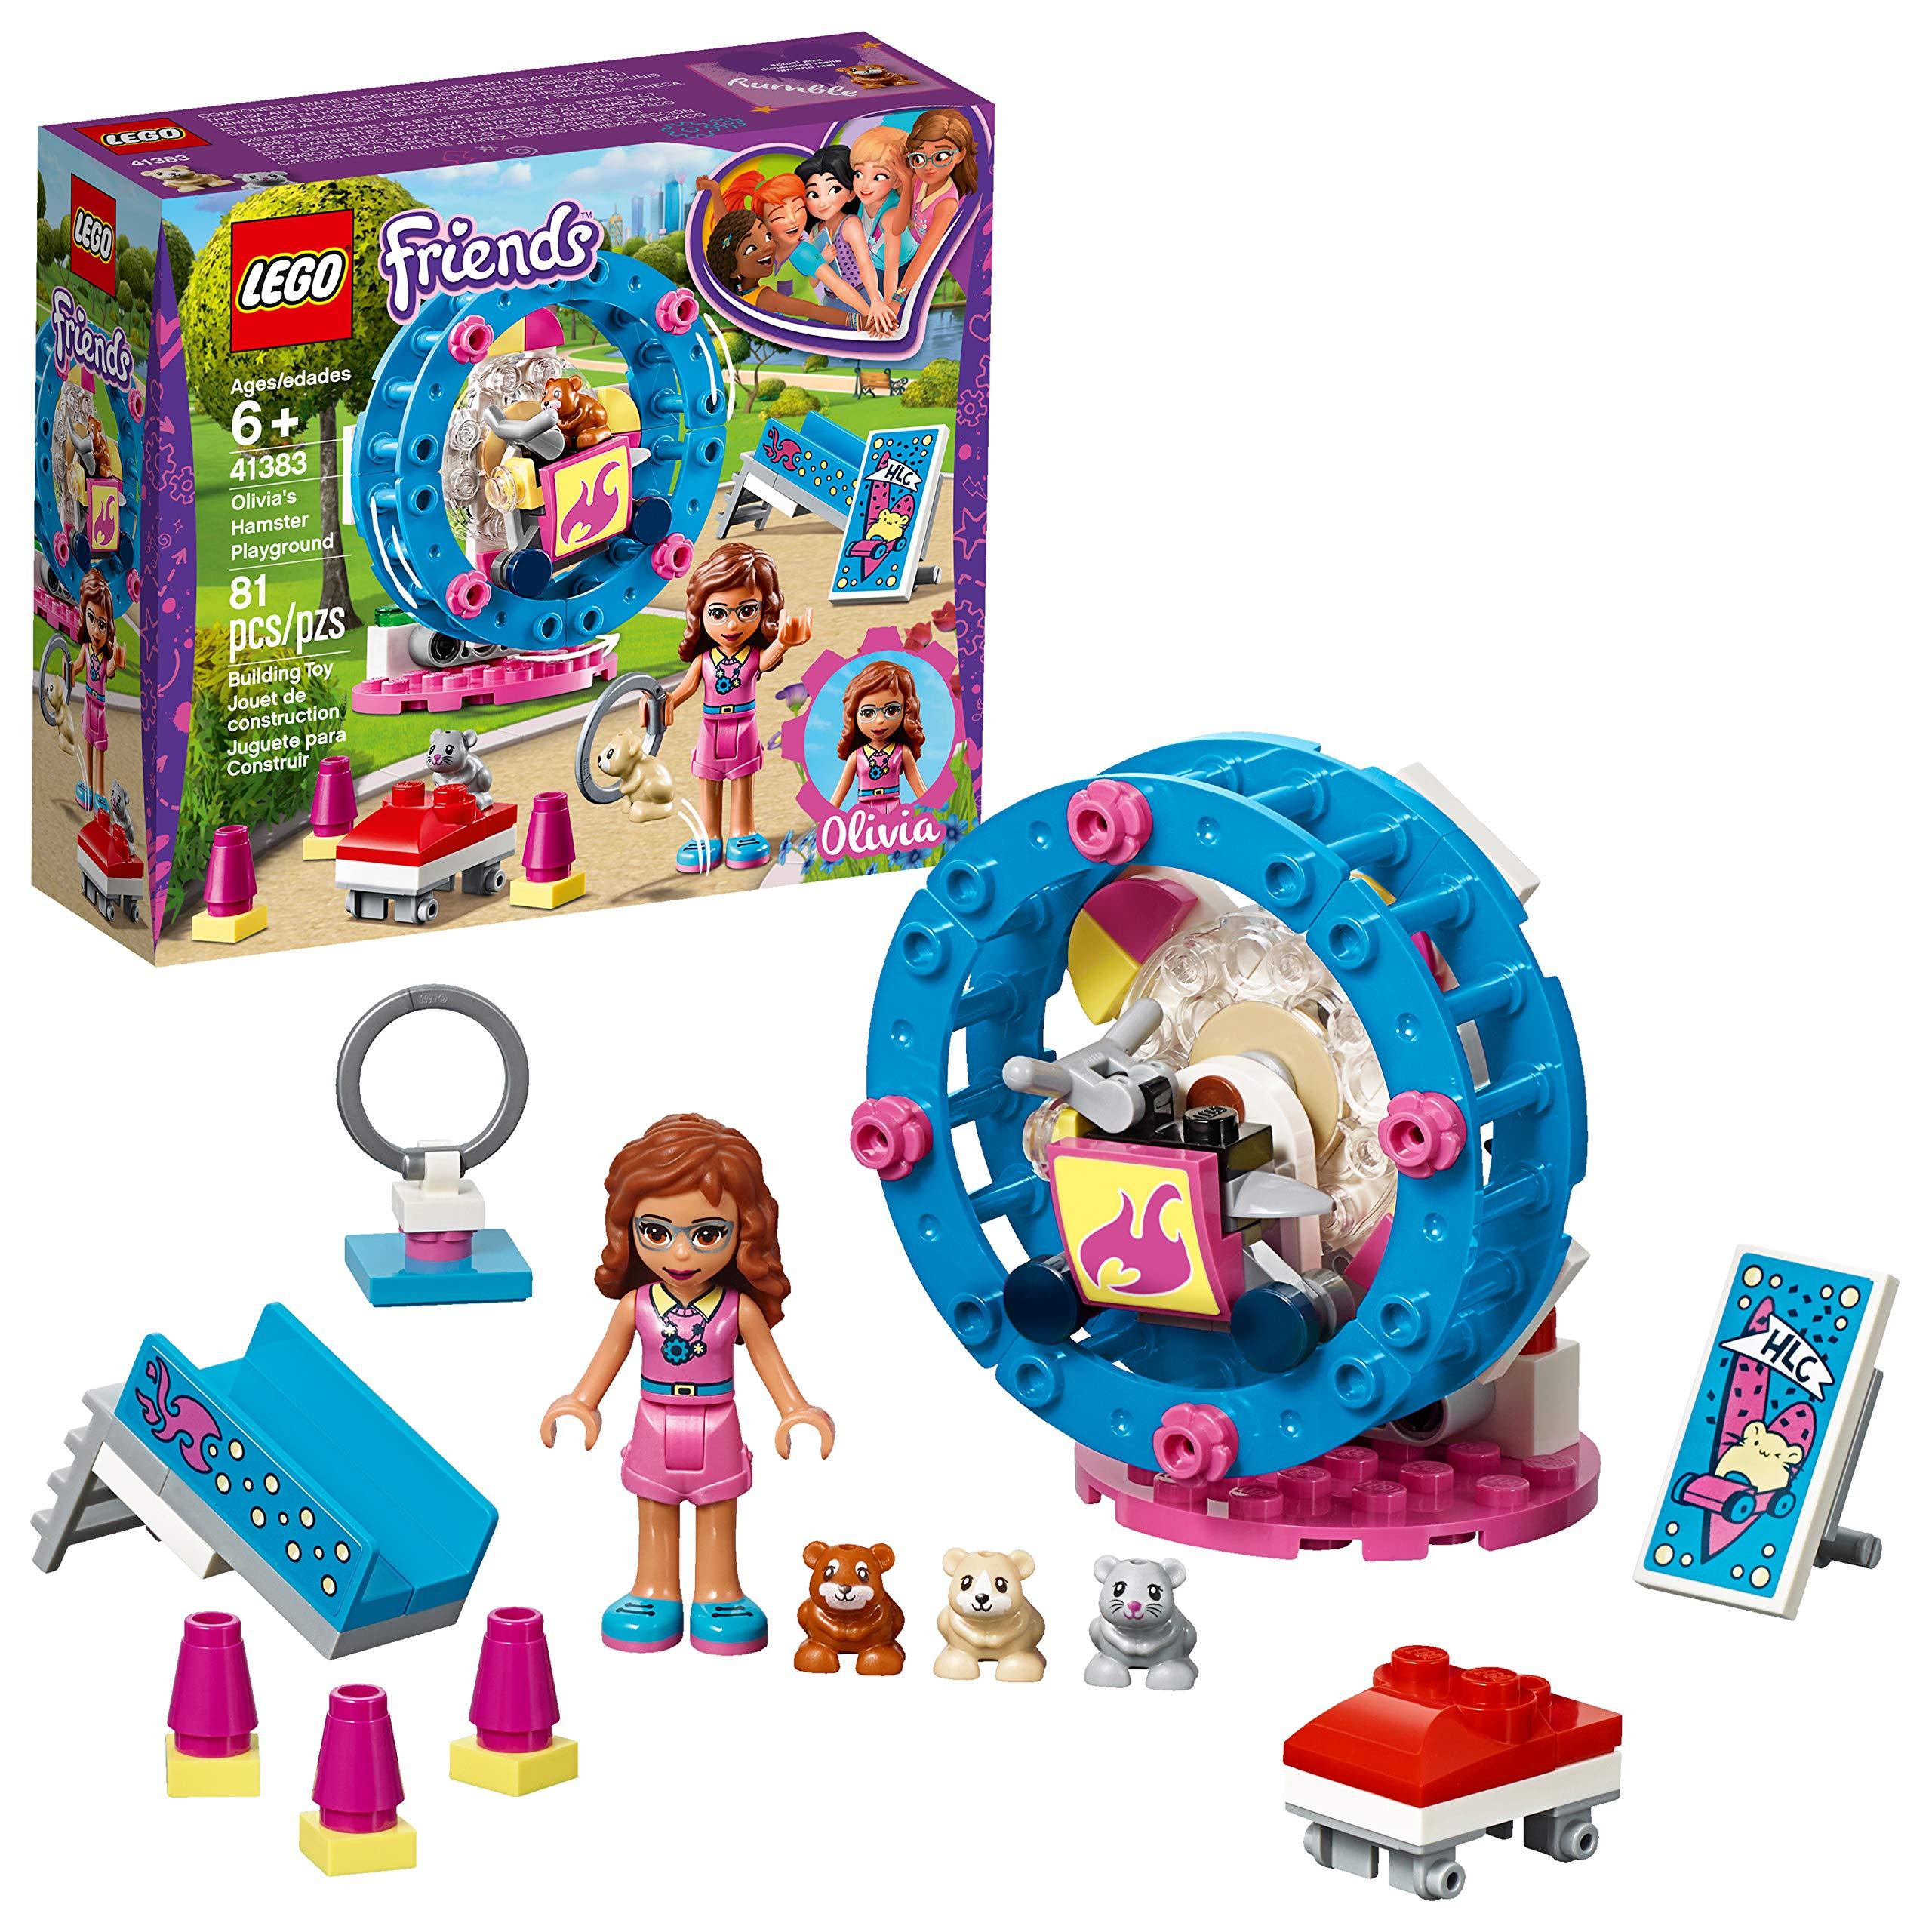 LEGO Friends Olivia's Hamster Playground 41383 Kit de construcción (81 piezas)